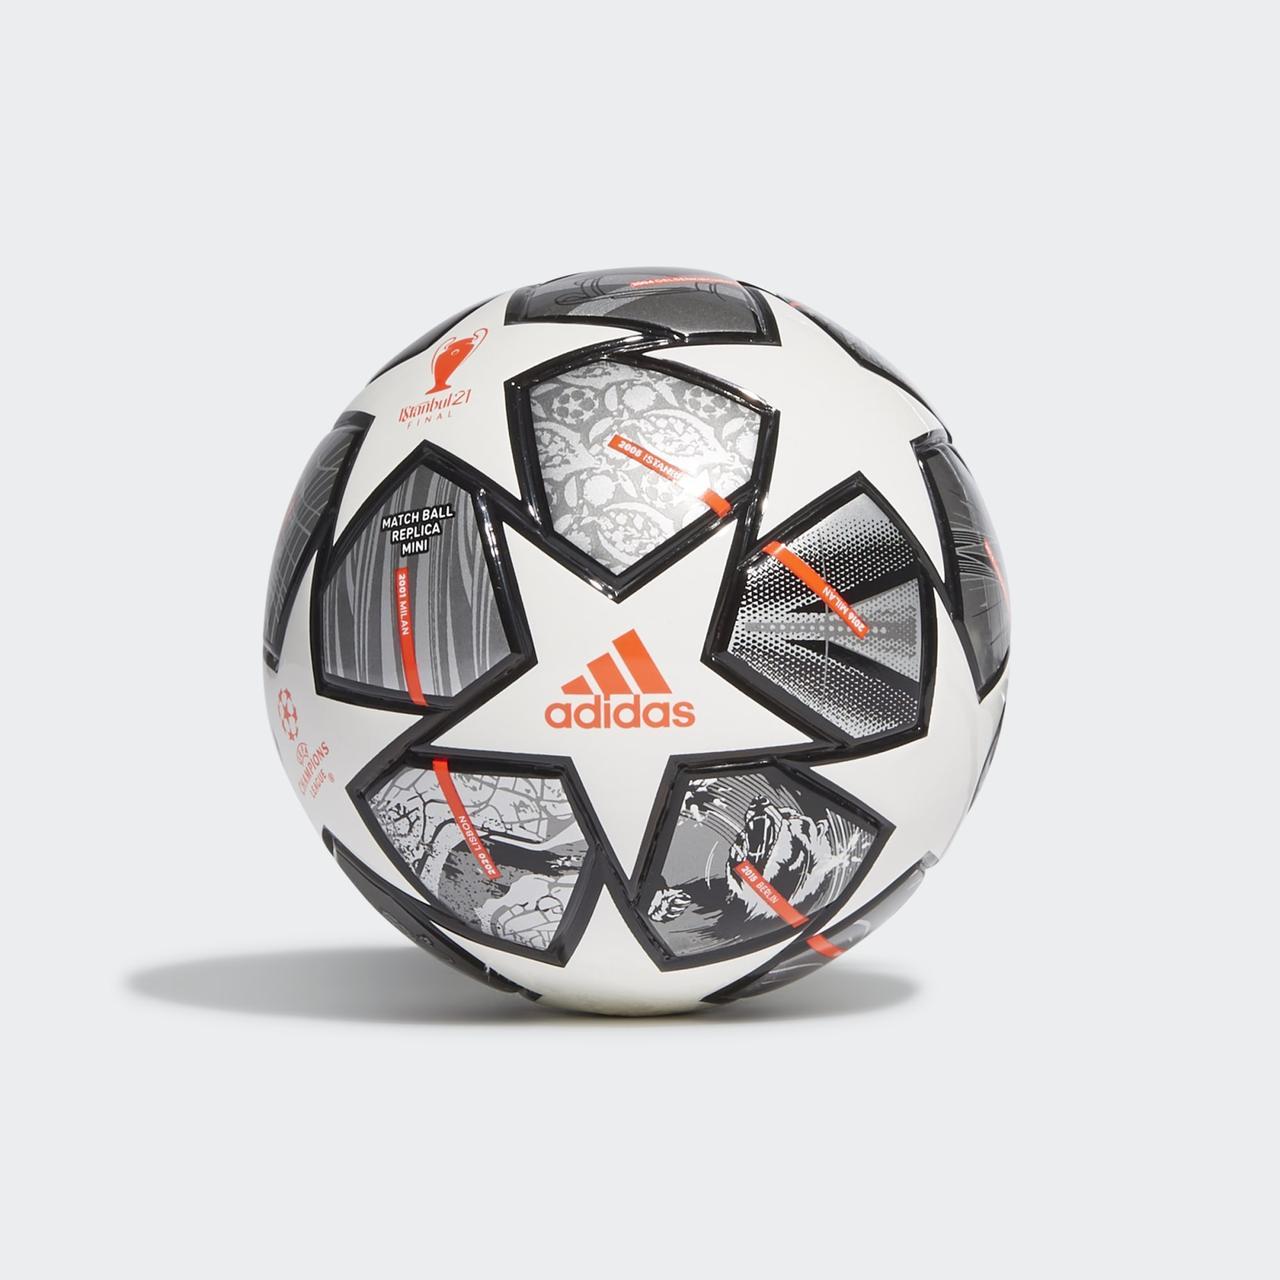 М'яч футбольний сувенірний Adidas Finale 21 20th Anniversary UCL Mini Ball №1 GK3479